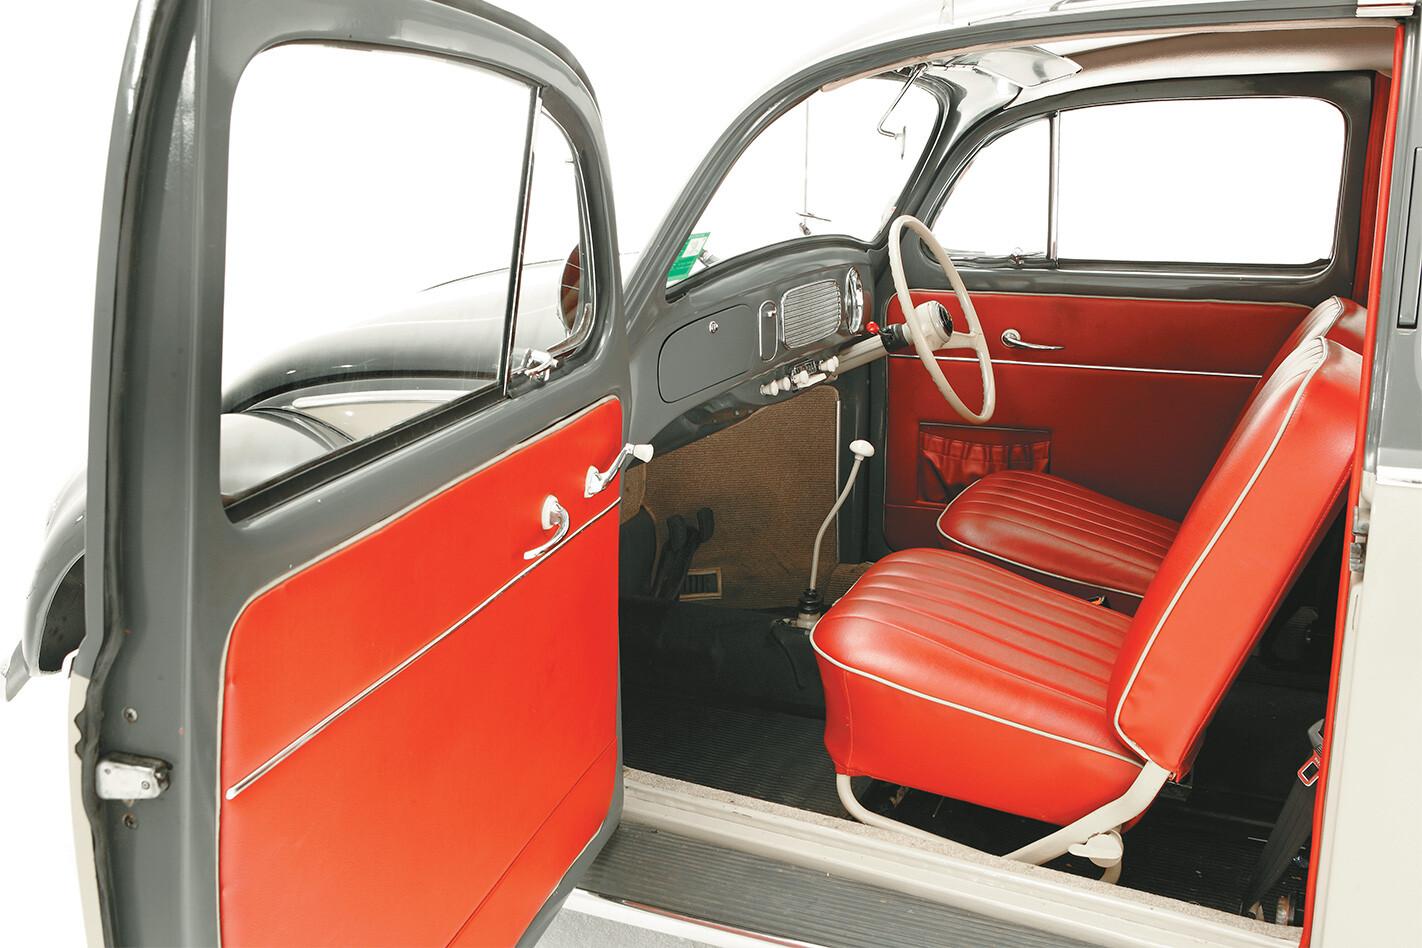 Retro Volkswagen Beetle Interior Jpg